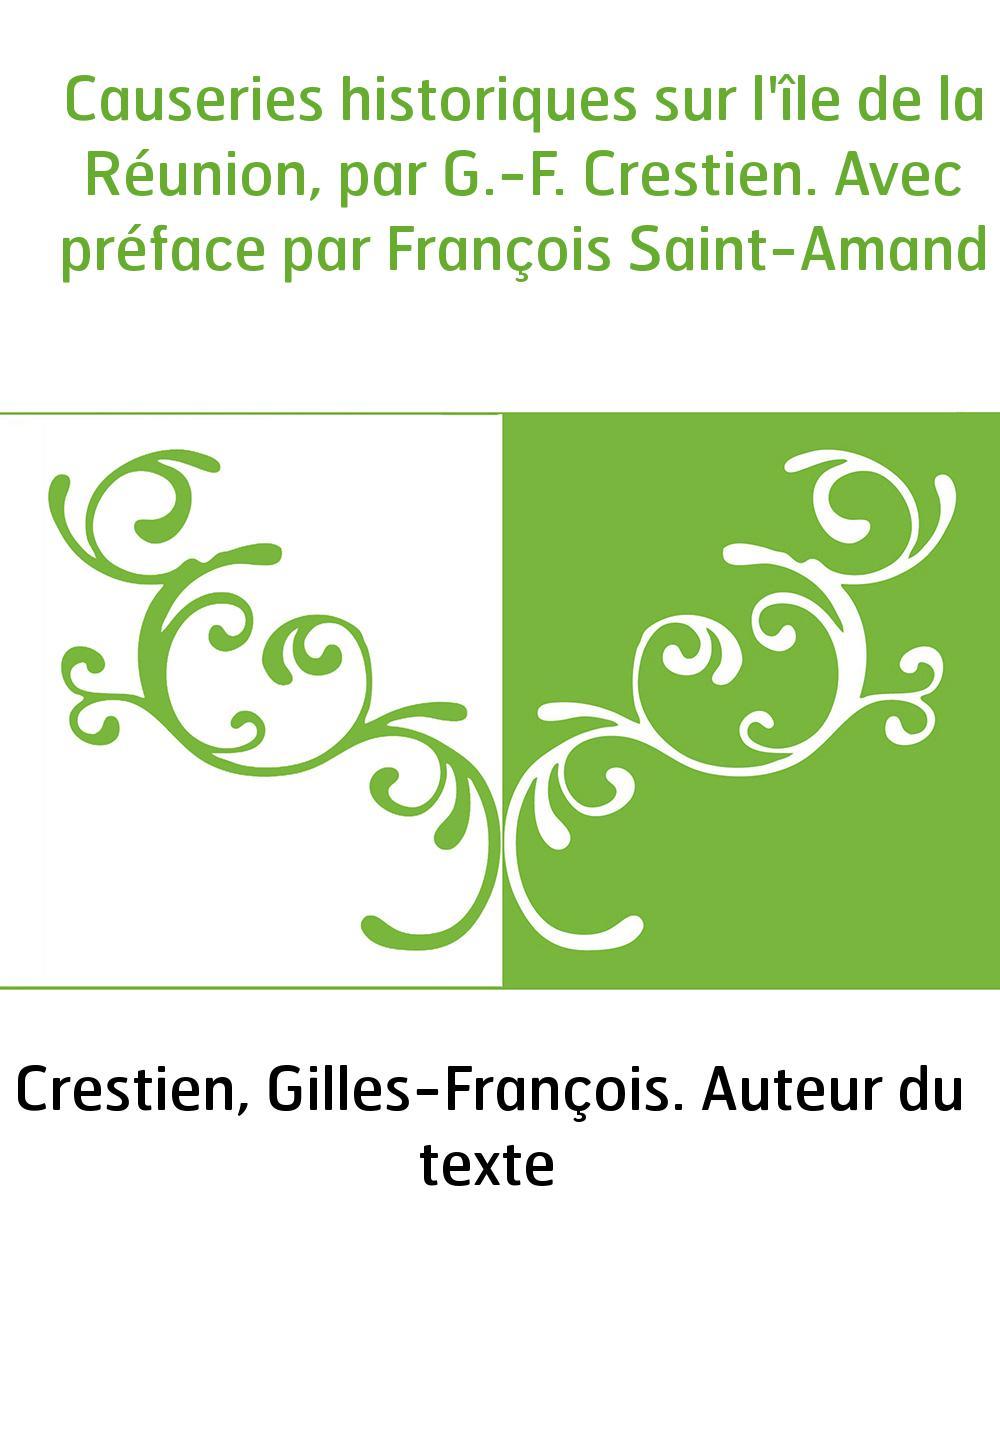 Causeries historiques sur l'île de la Réunion, par G.-F. Crestien. Avec préface par François Saint-Amand